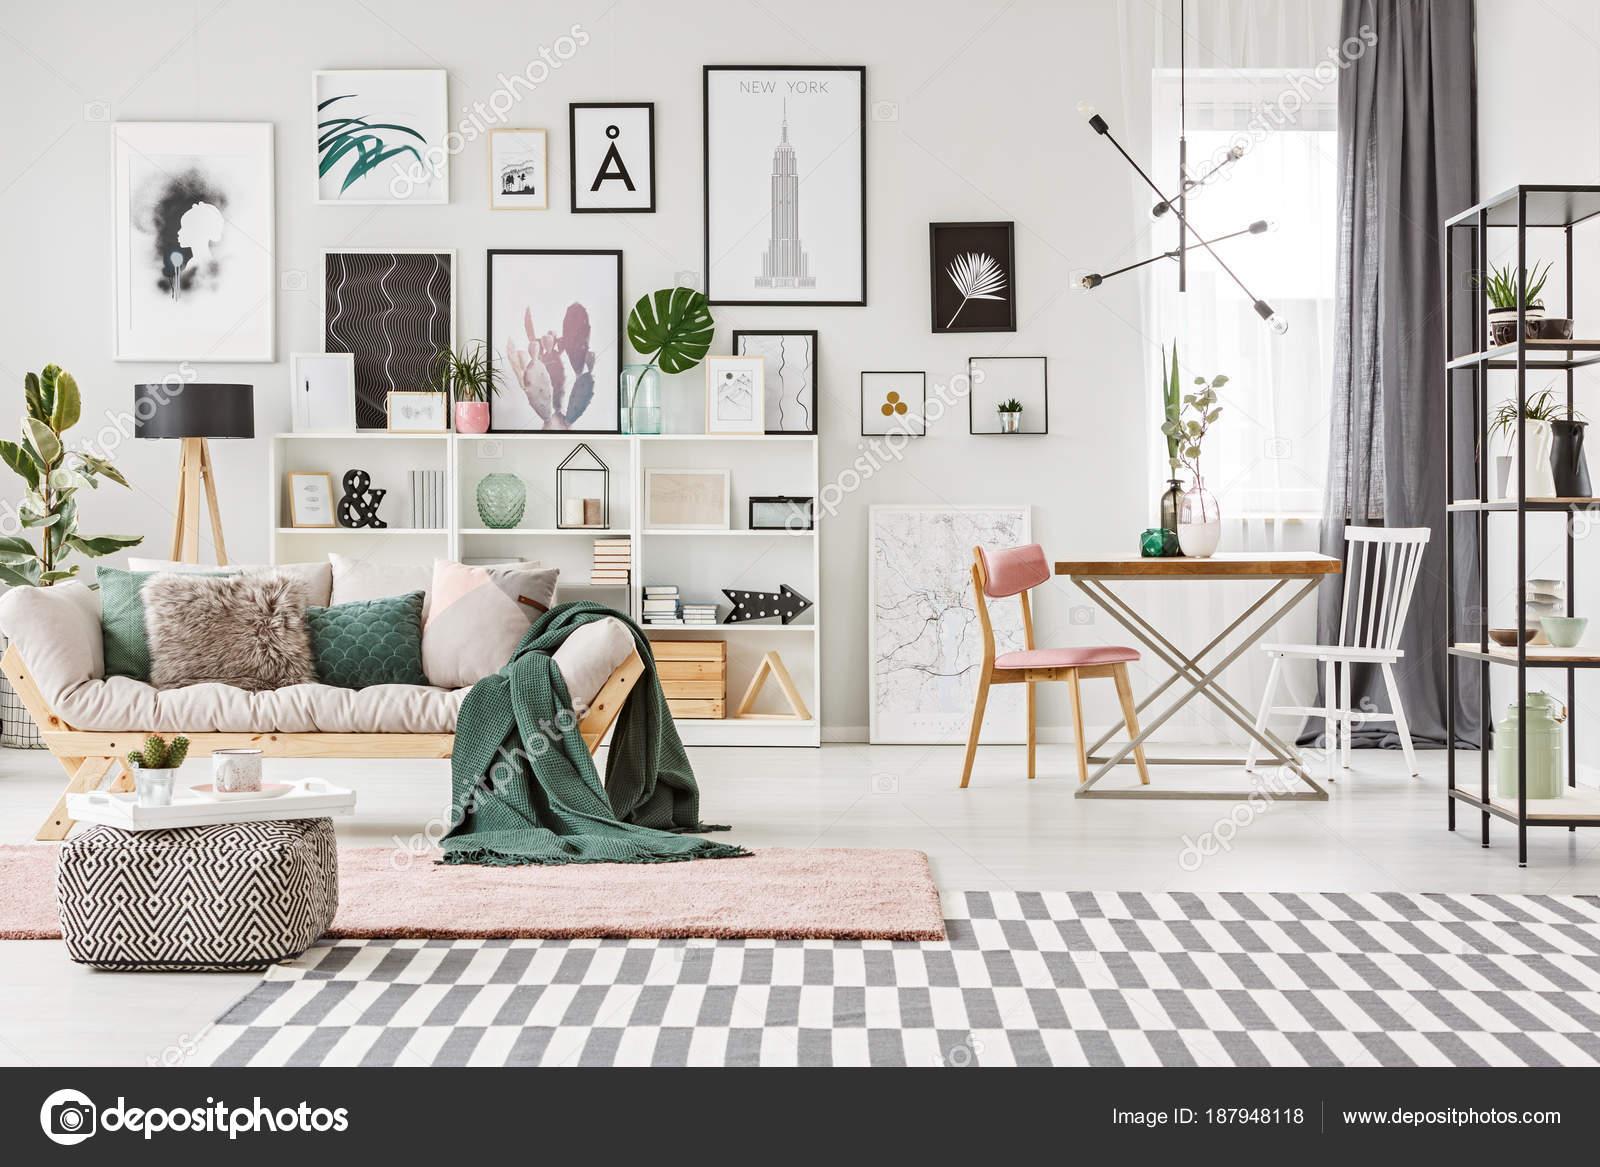 Camera con soppalco e piante — Foto Editoriale Stock ...